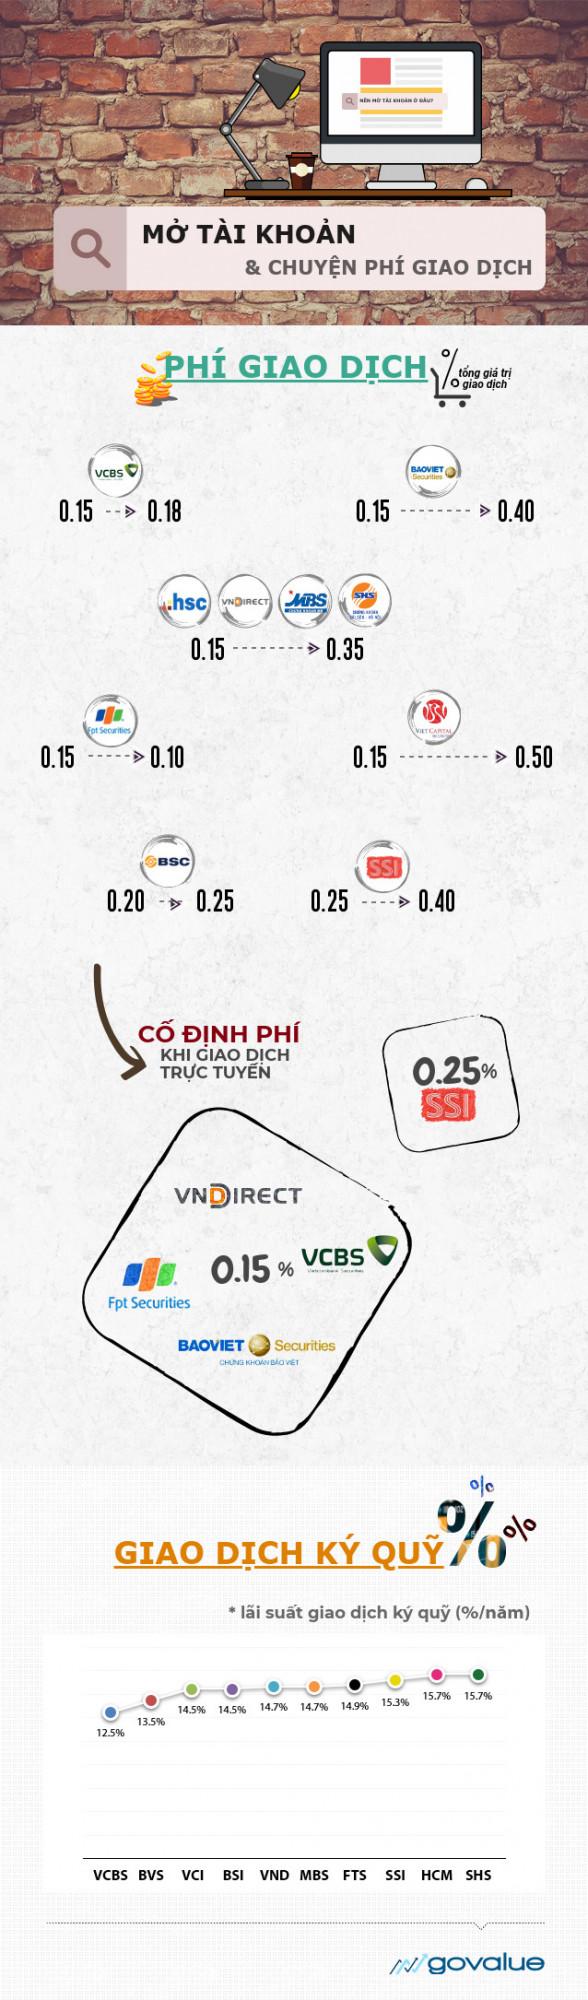 mở tài khoản chứng khoán infographic